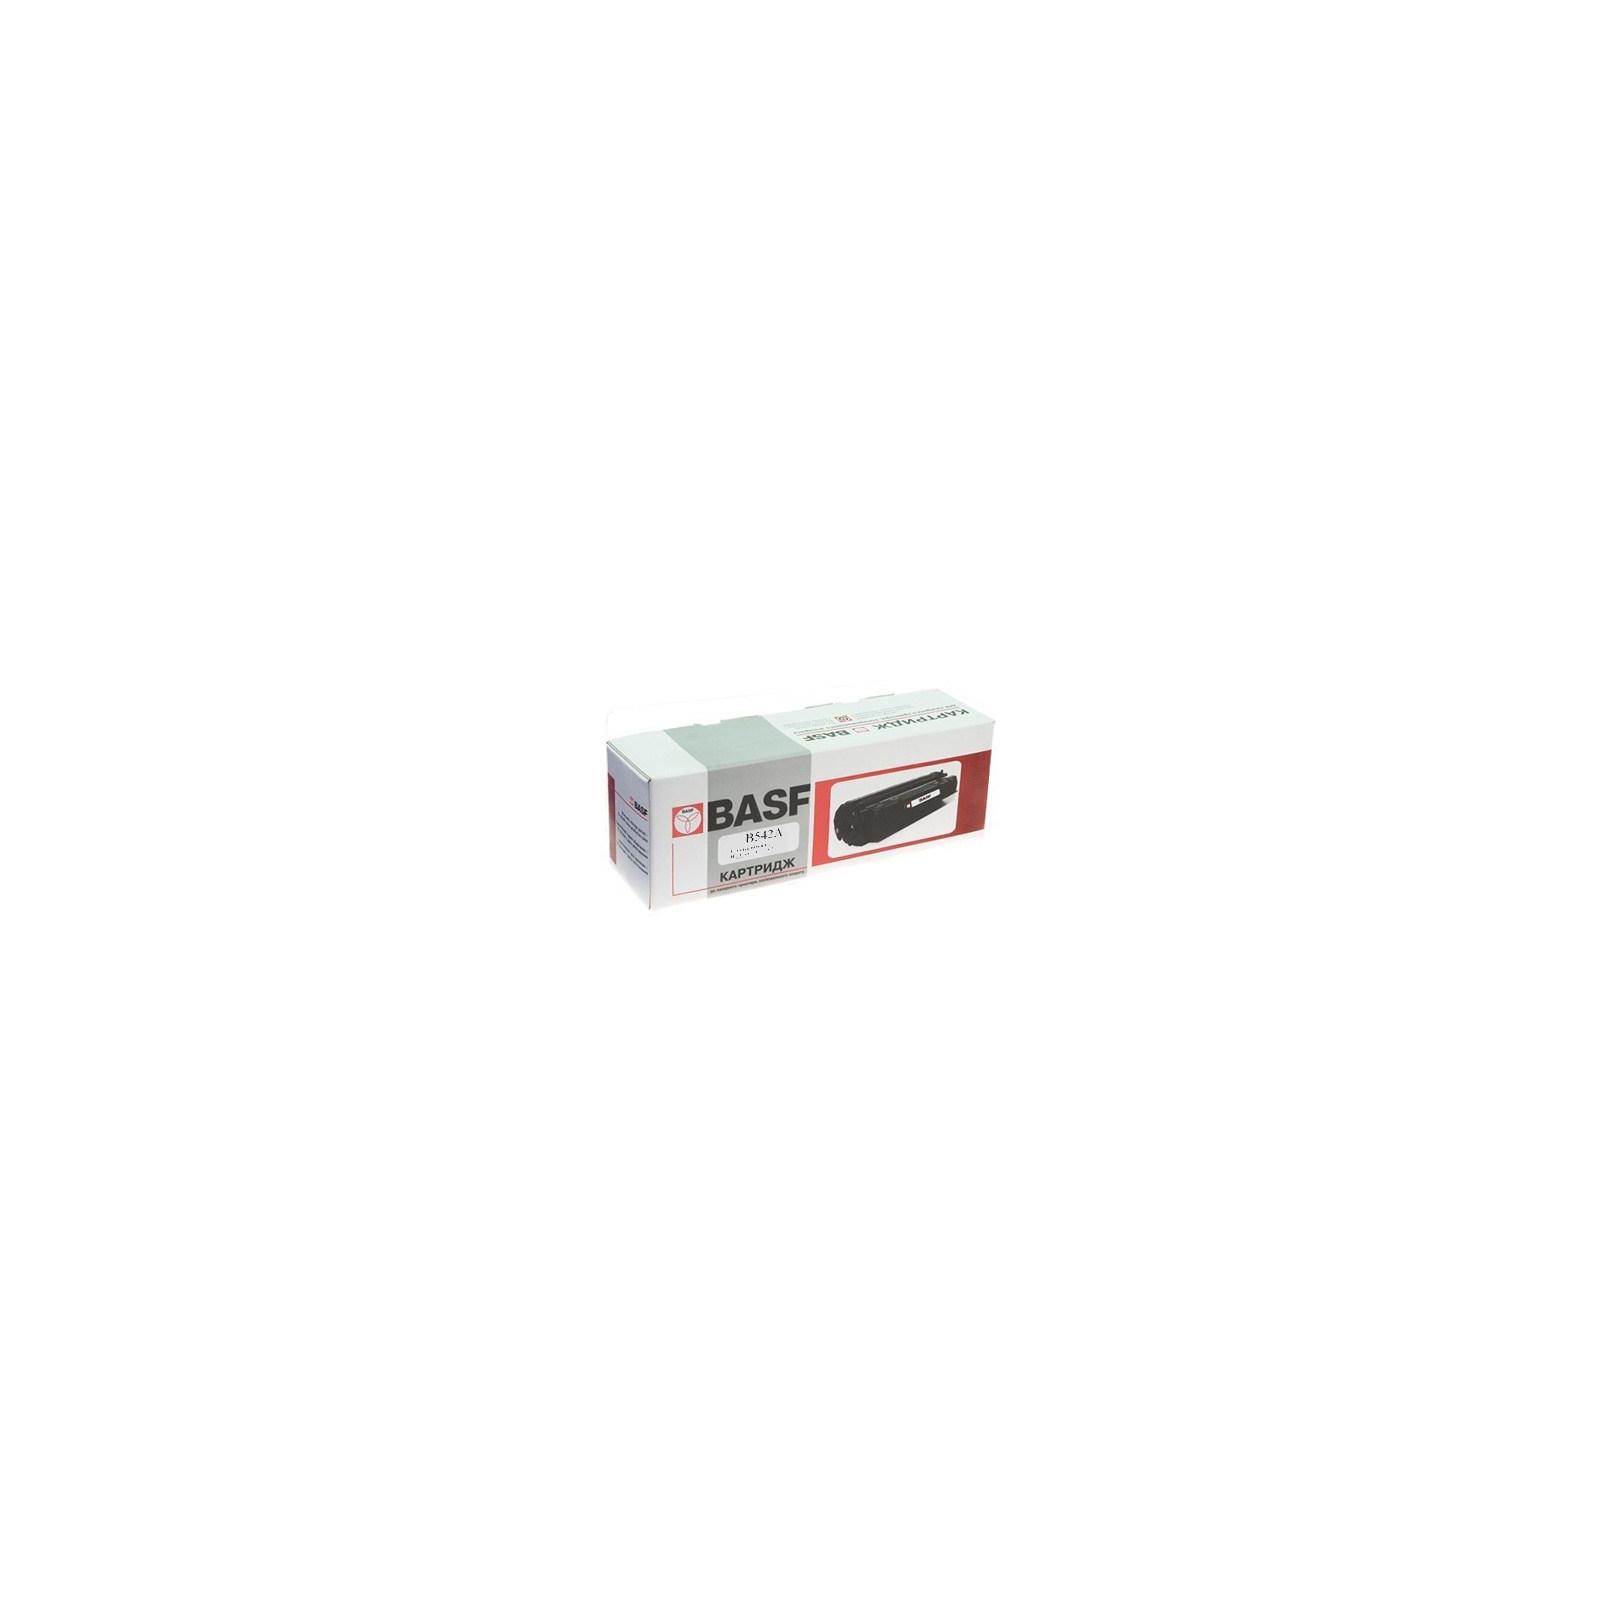 Картридж BASF для HP CLJ CP1215 Magenta (B542A)